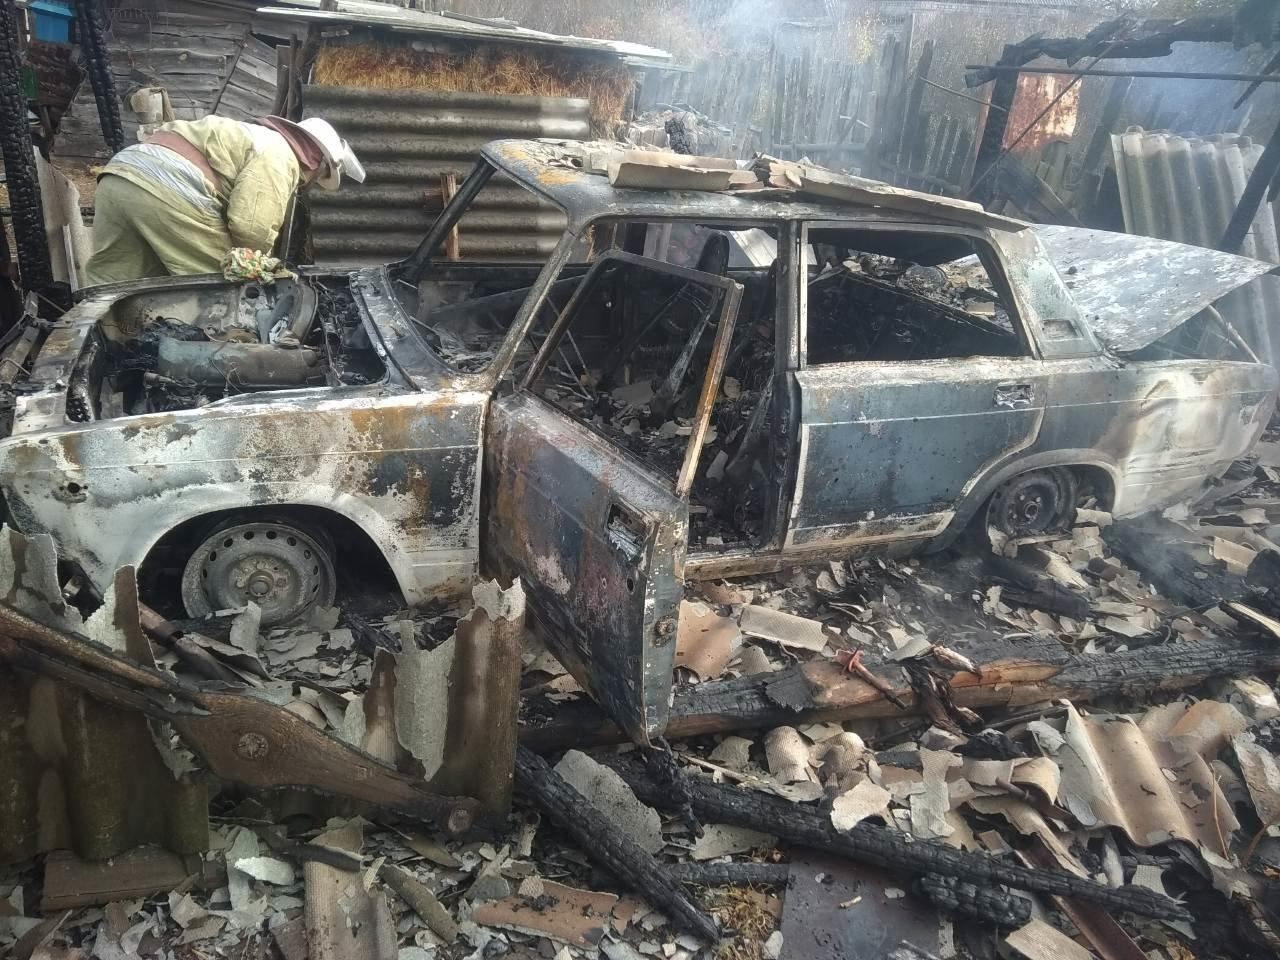 На Харьковщине из-за короткого замыкания полностью сгорел гараж вместе с автомобилем, - ФОТО, фото-2